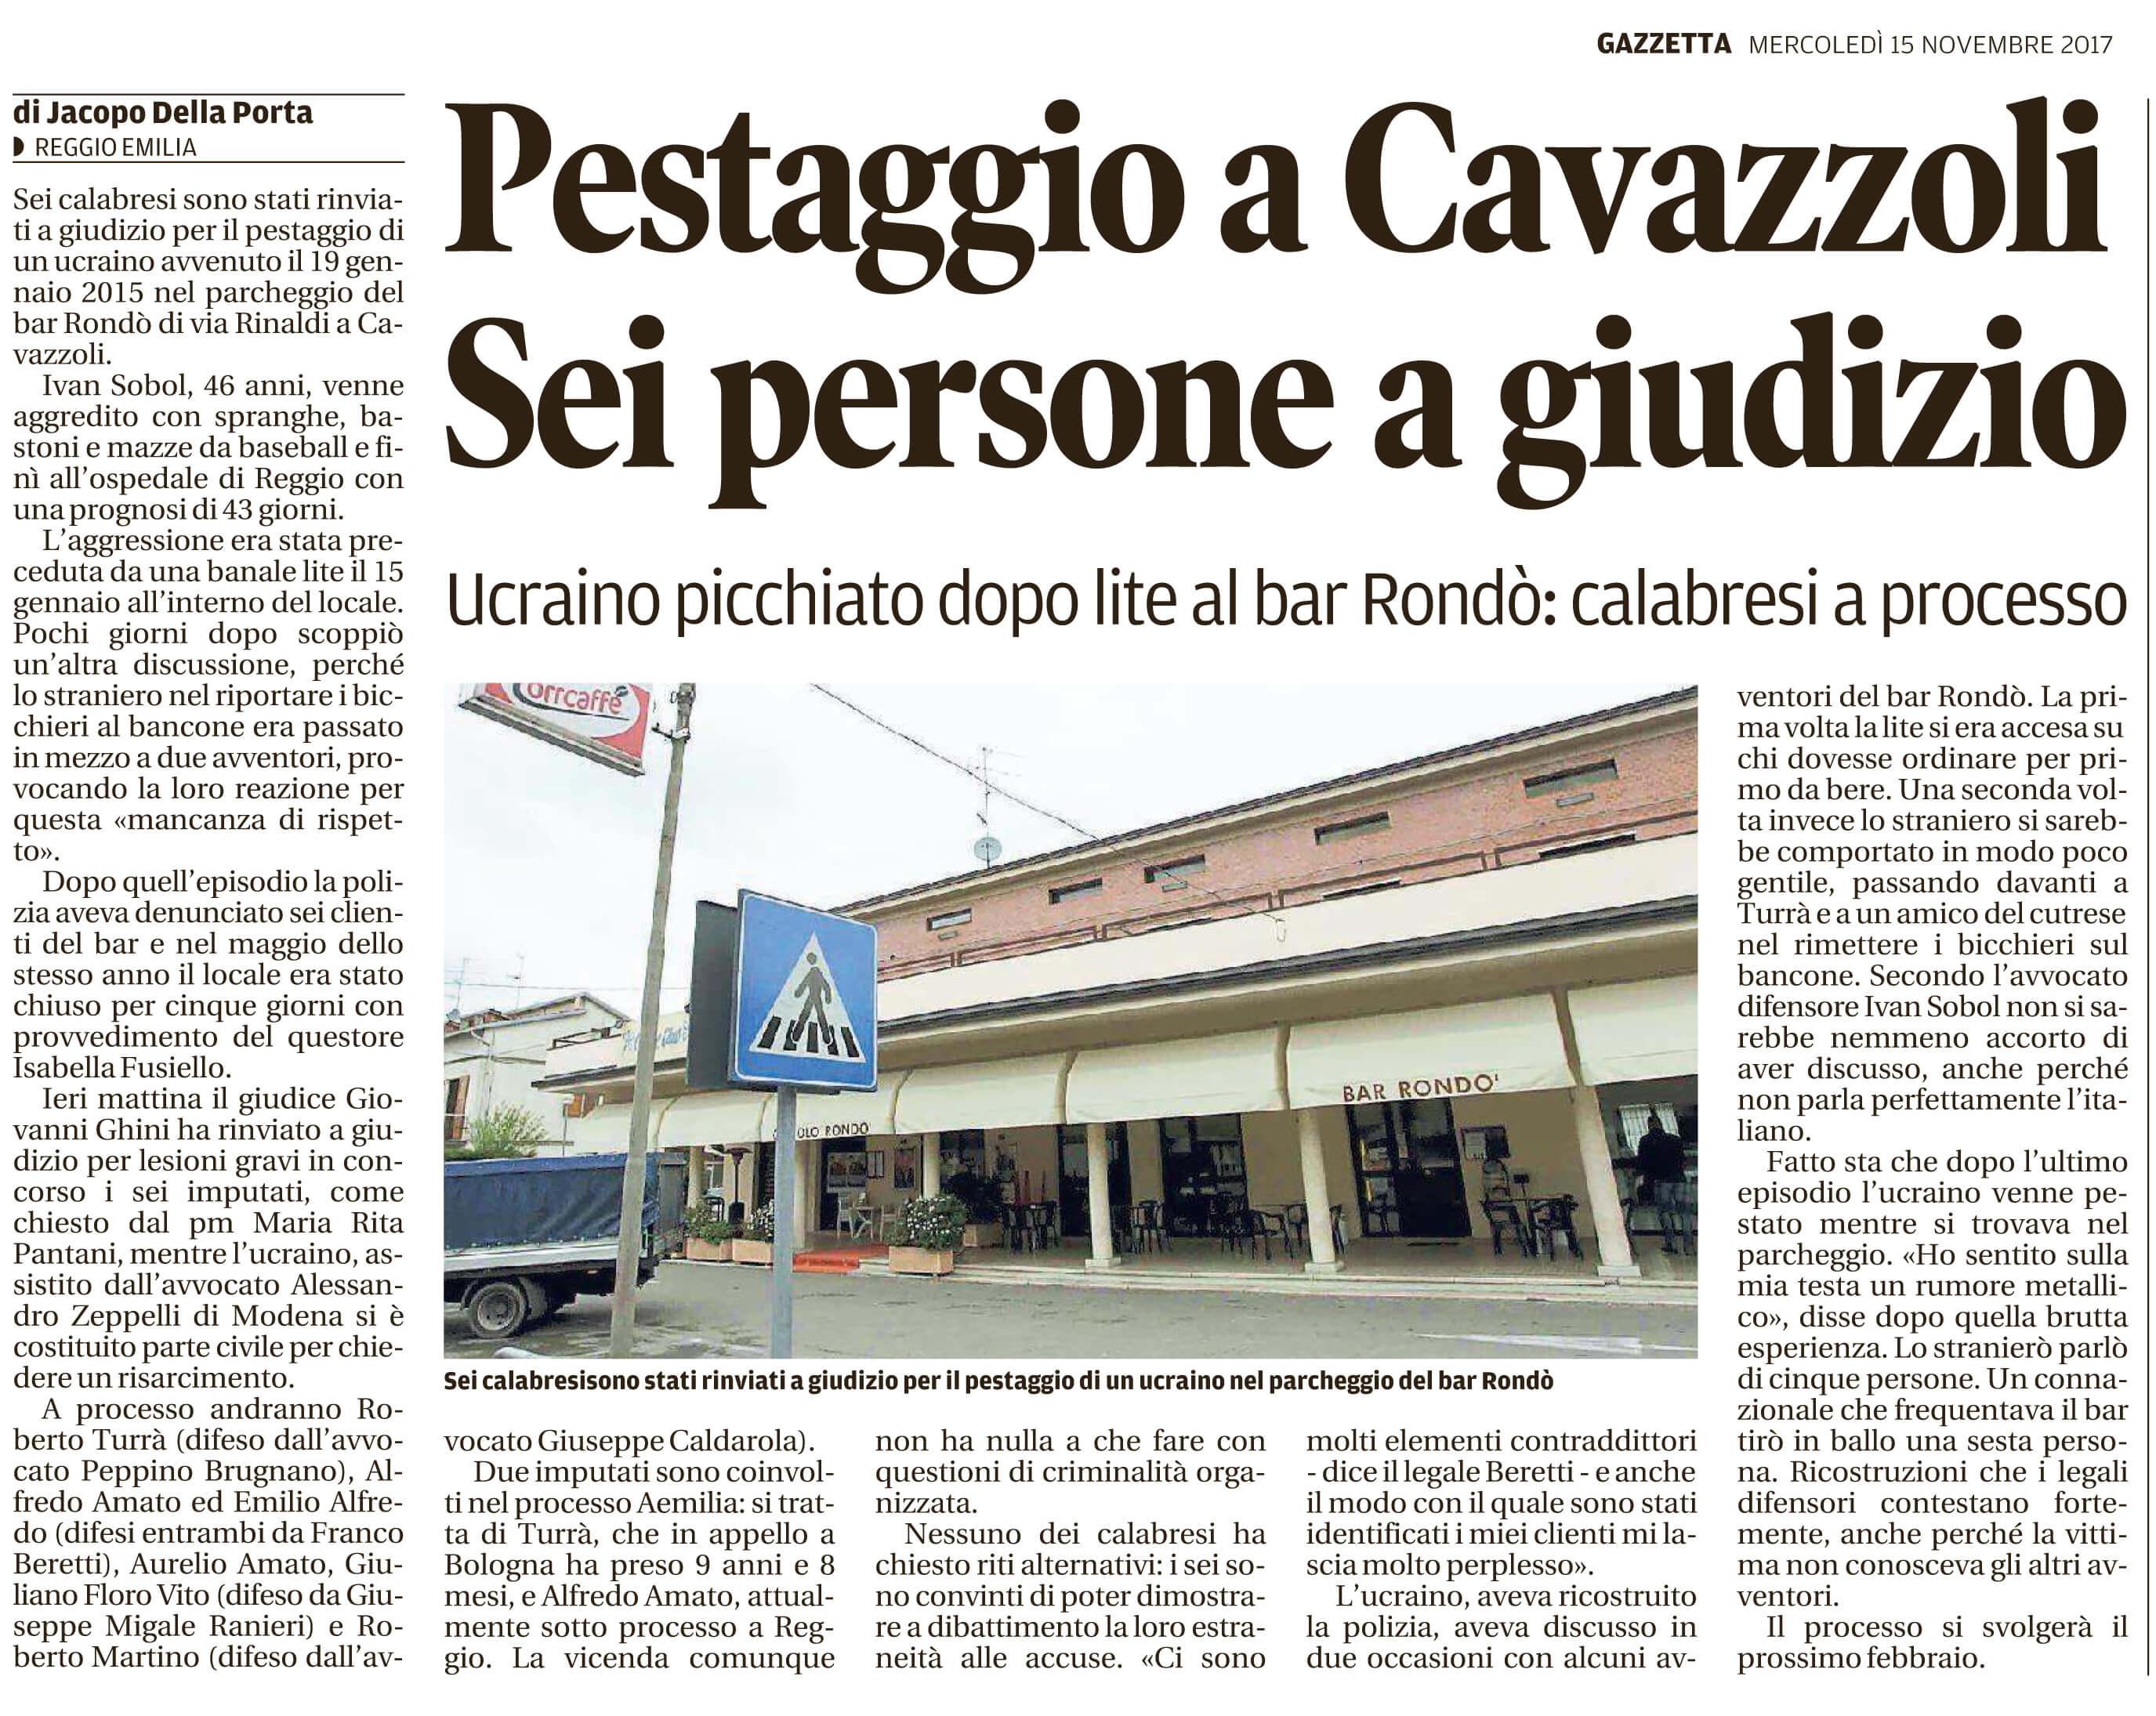 Pestaggio a Cavazzoli